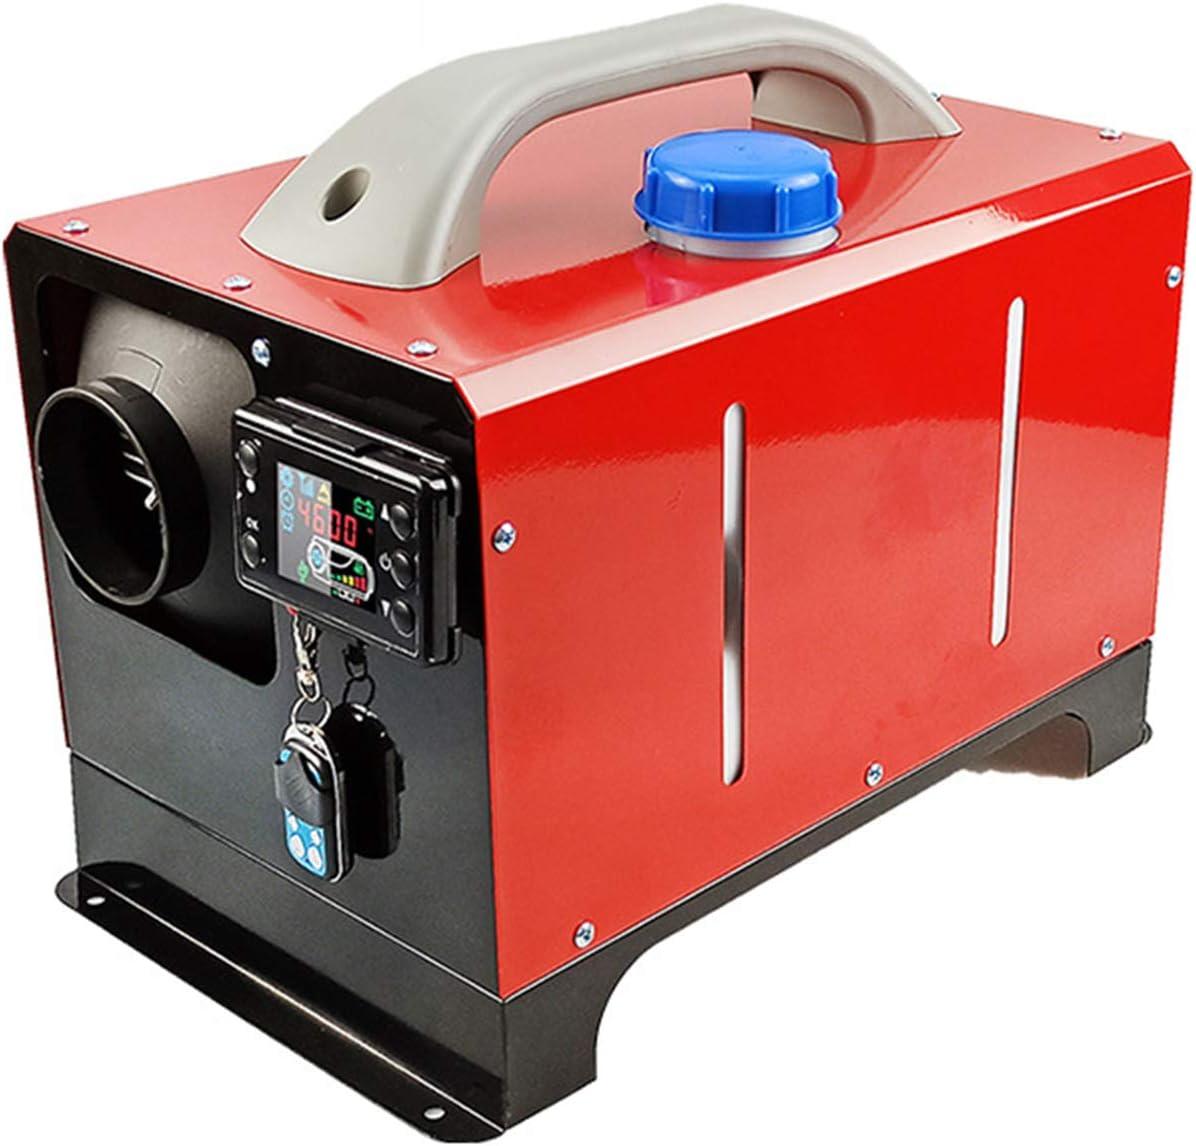 QIAO 8KW 12V 24V Calentador de Combustible Calefacción Estacionaria Diesel con Monitor LCD para Furgonetas, remolques de automóviles,Barcos,8kw,12V